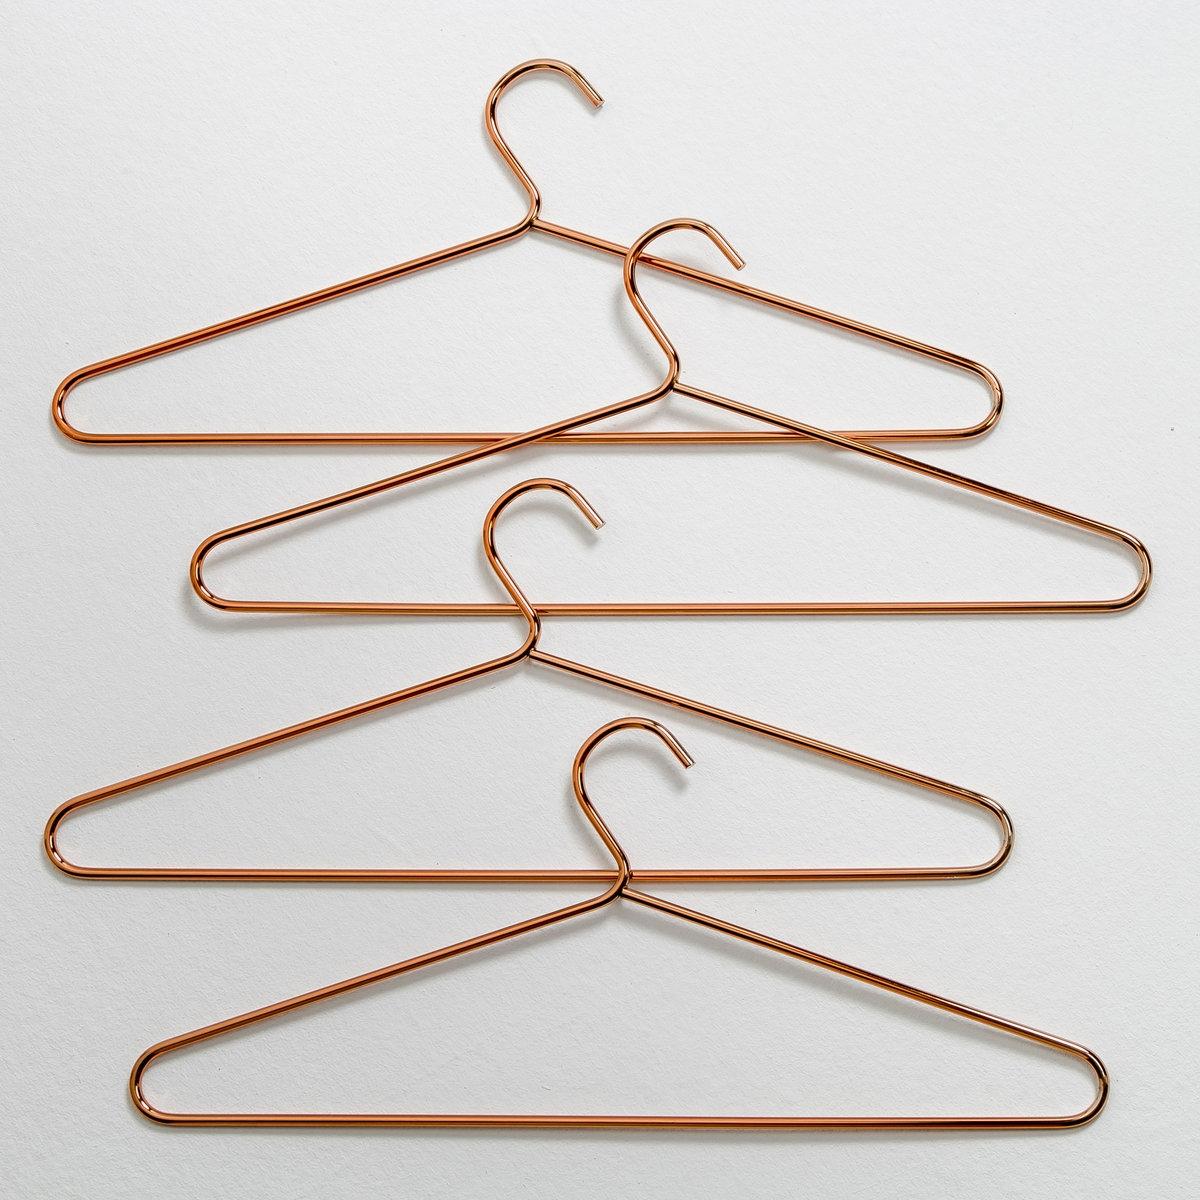 Комплект из 4 металлических плечиков медного цвета для одежды, ELORI комплект одежды для мальчиков brand 2015 81